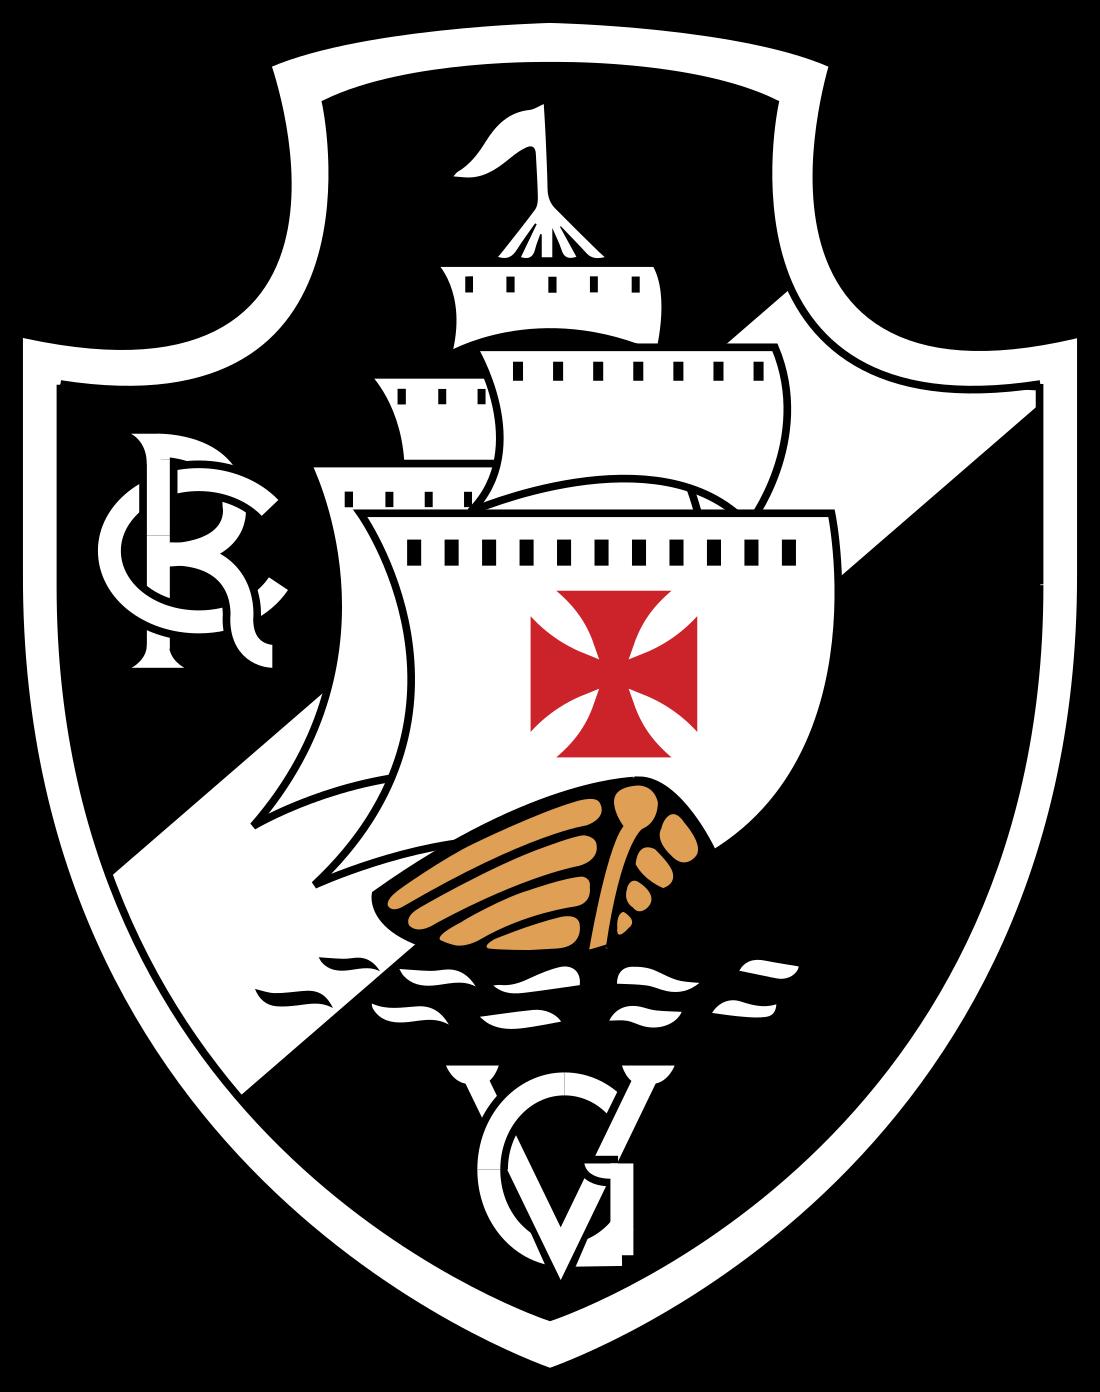 vasco-logo-escudo-3